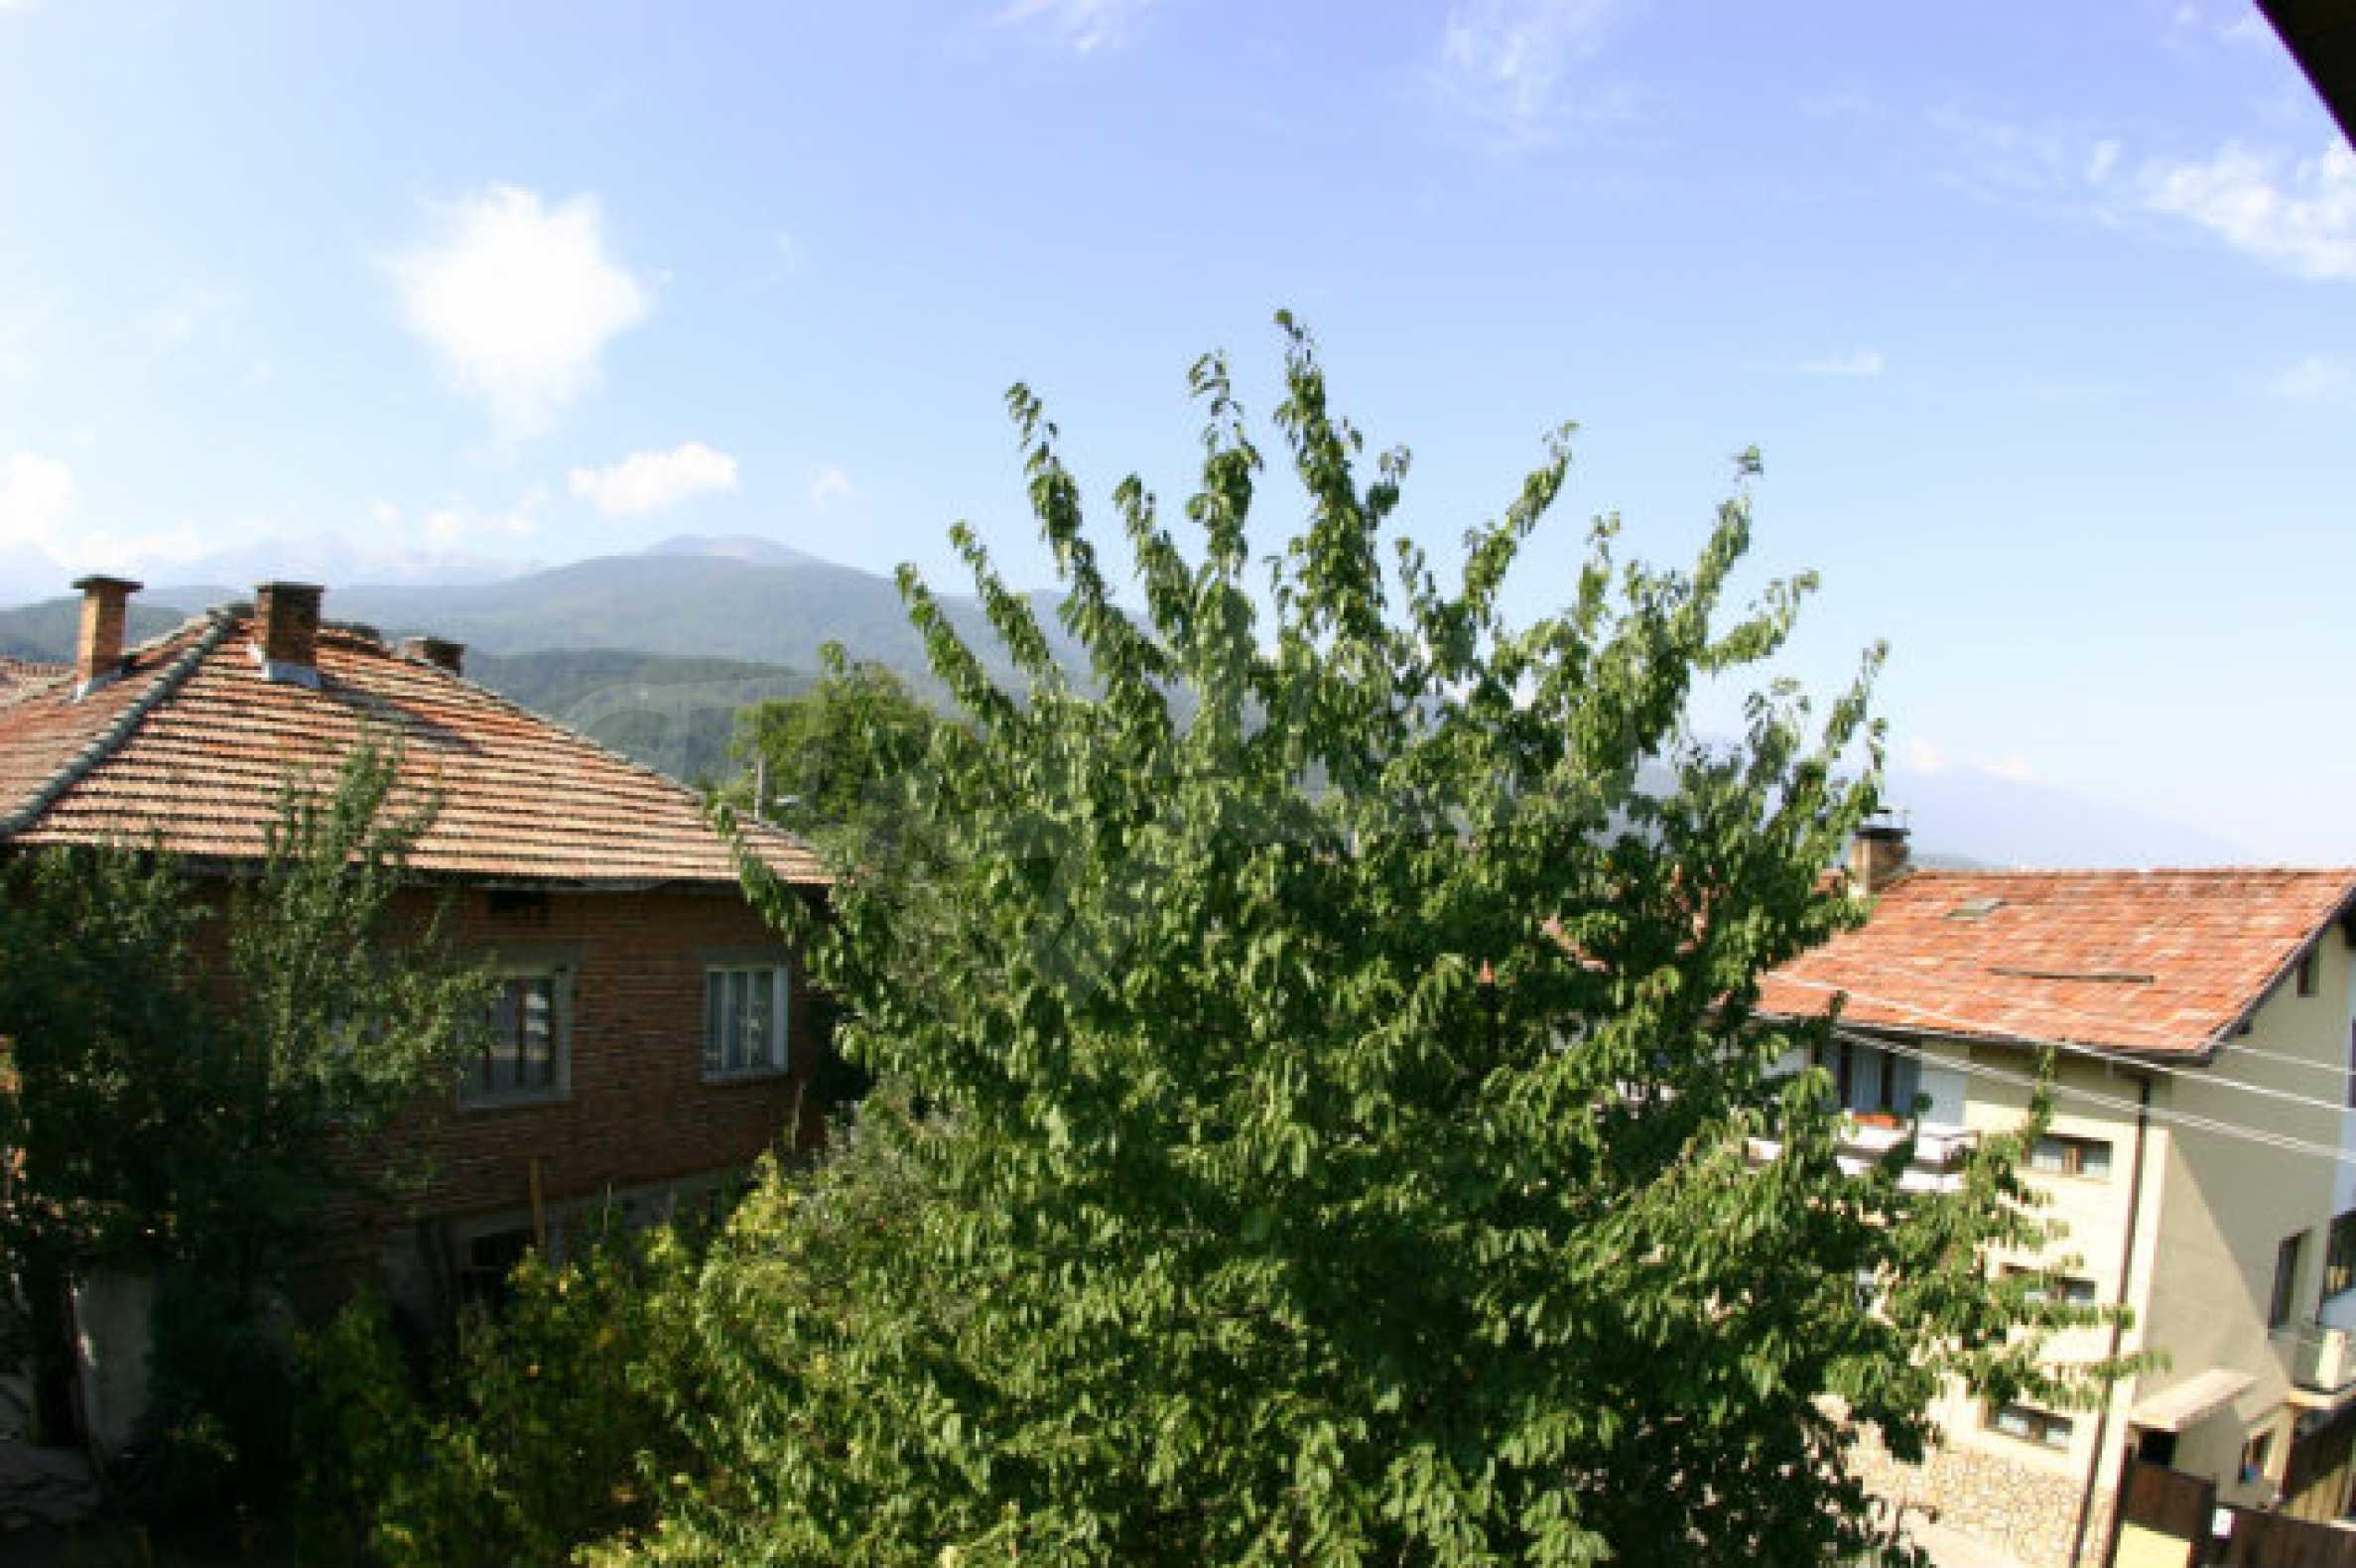 Familienhotel zum Verkauf in Dobrinischte, 6 km von Bansko entfernt 30